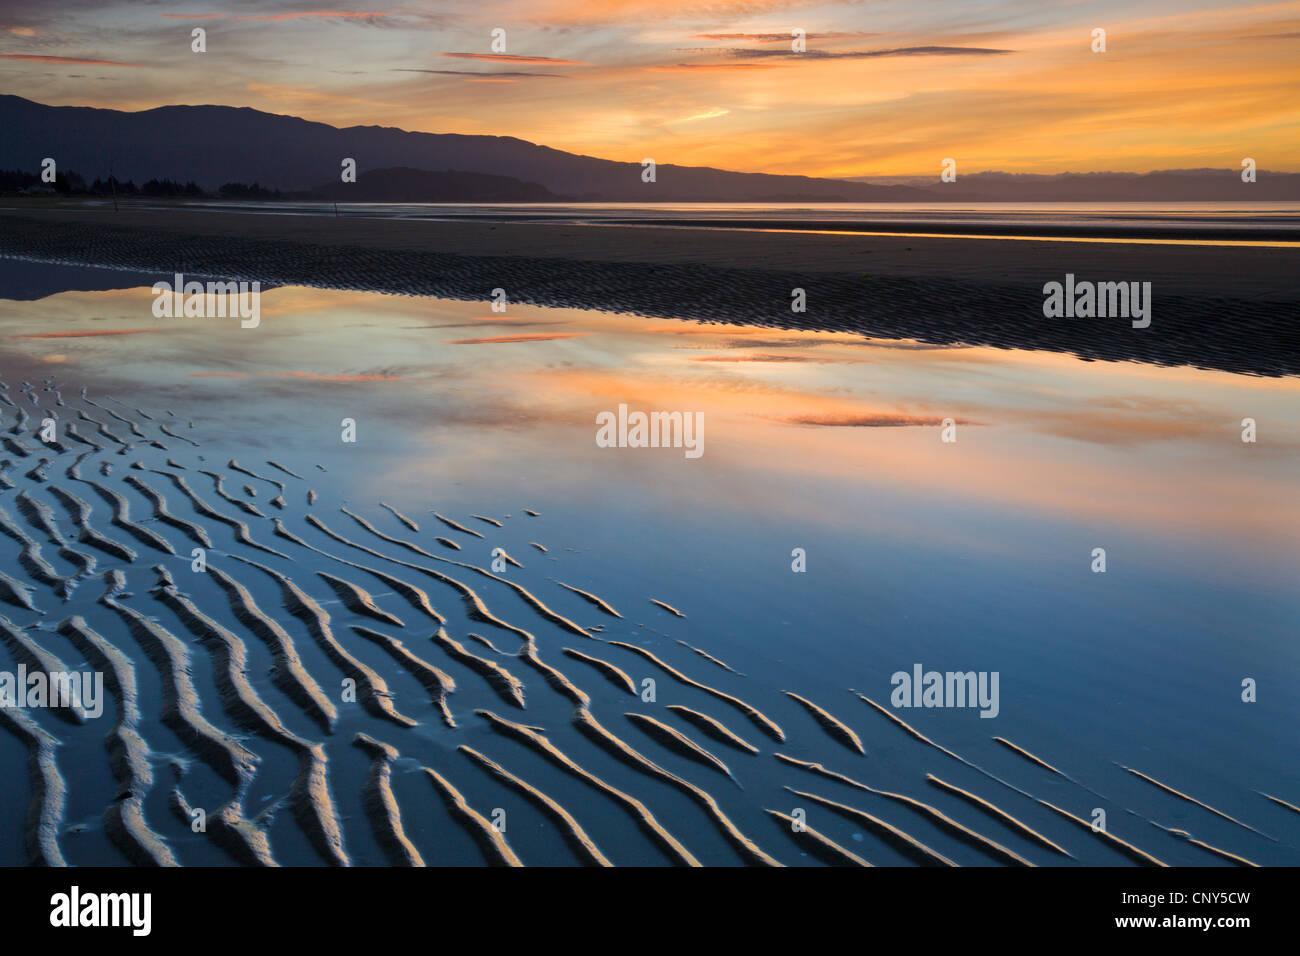 Des vagues de sable sur Pakawau Beach au coucher du soleil, Golden Bay, île du Sud, Nouvelle-Zélande. Photo Stock